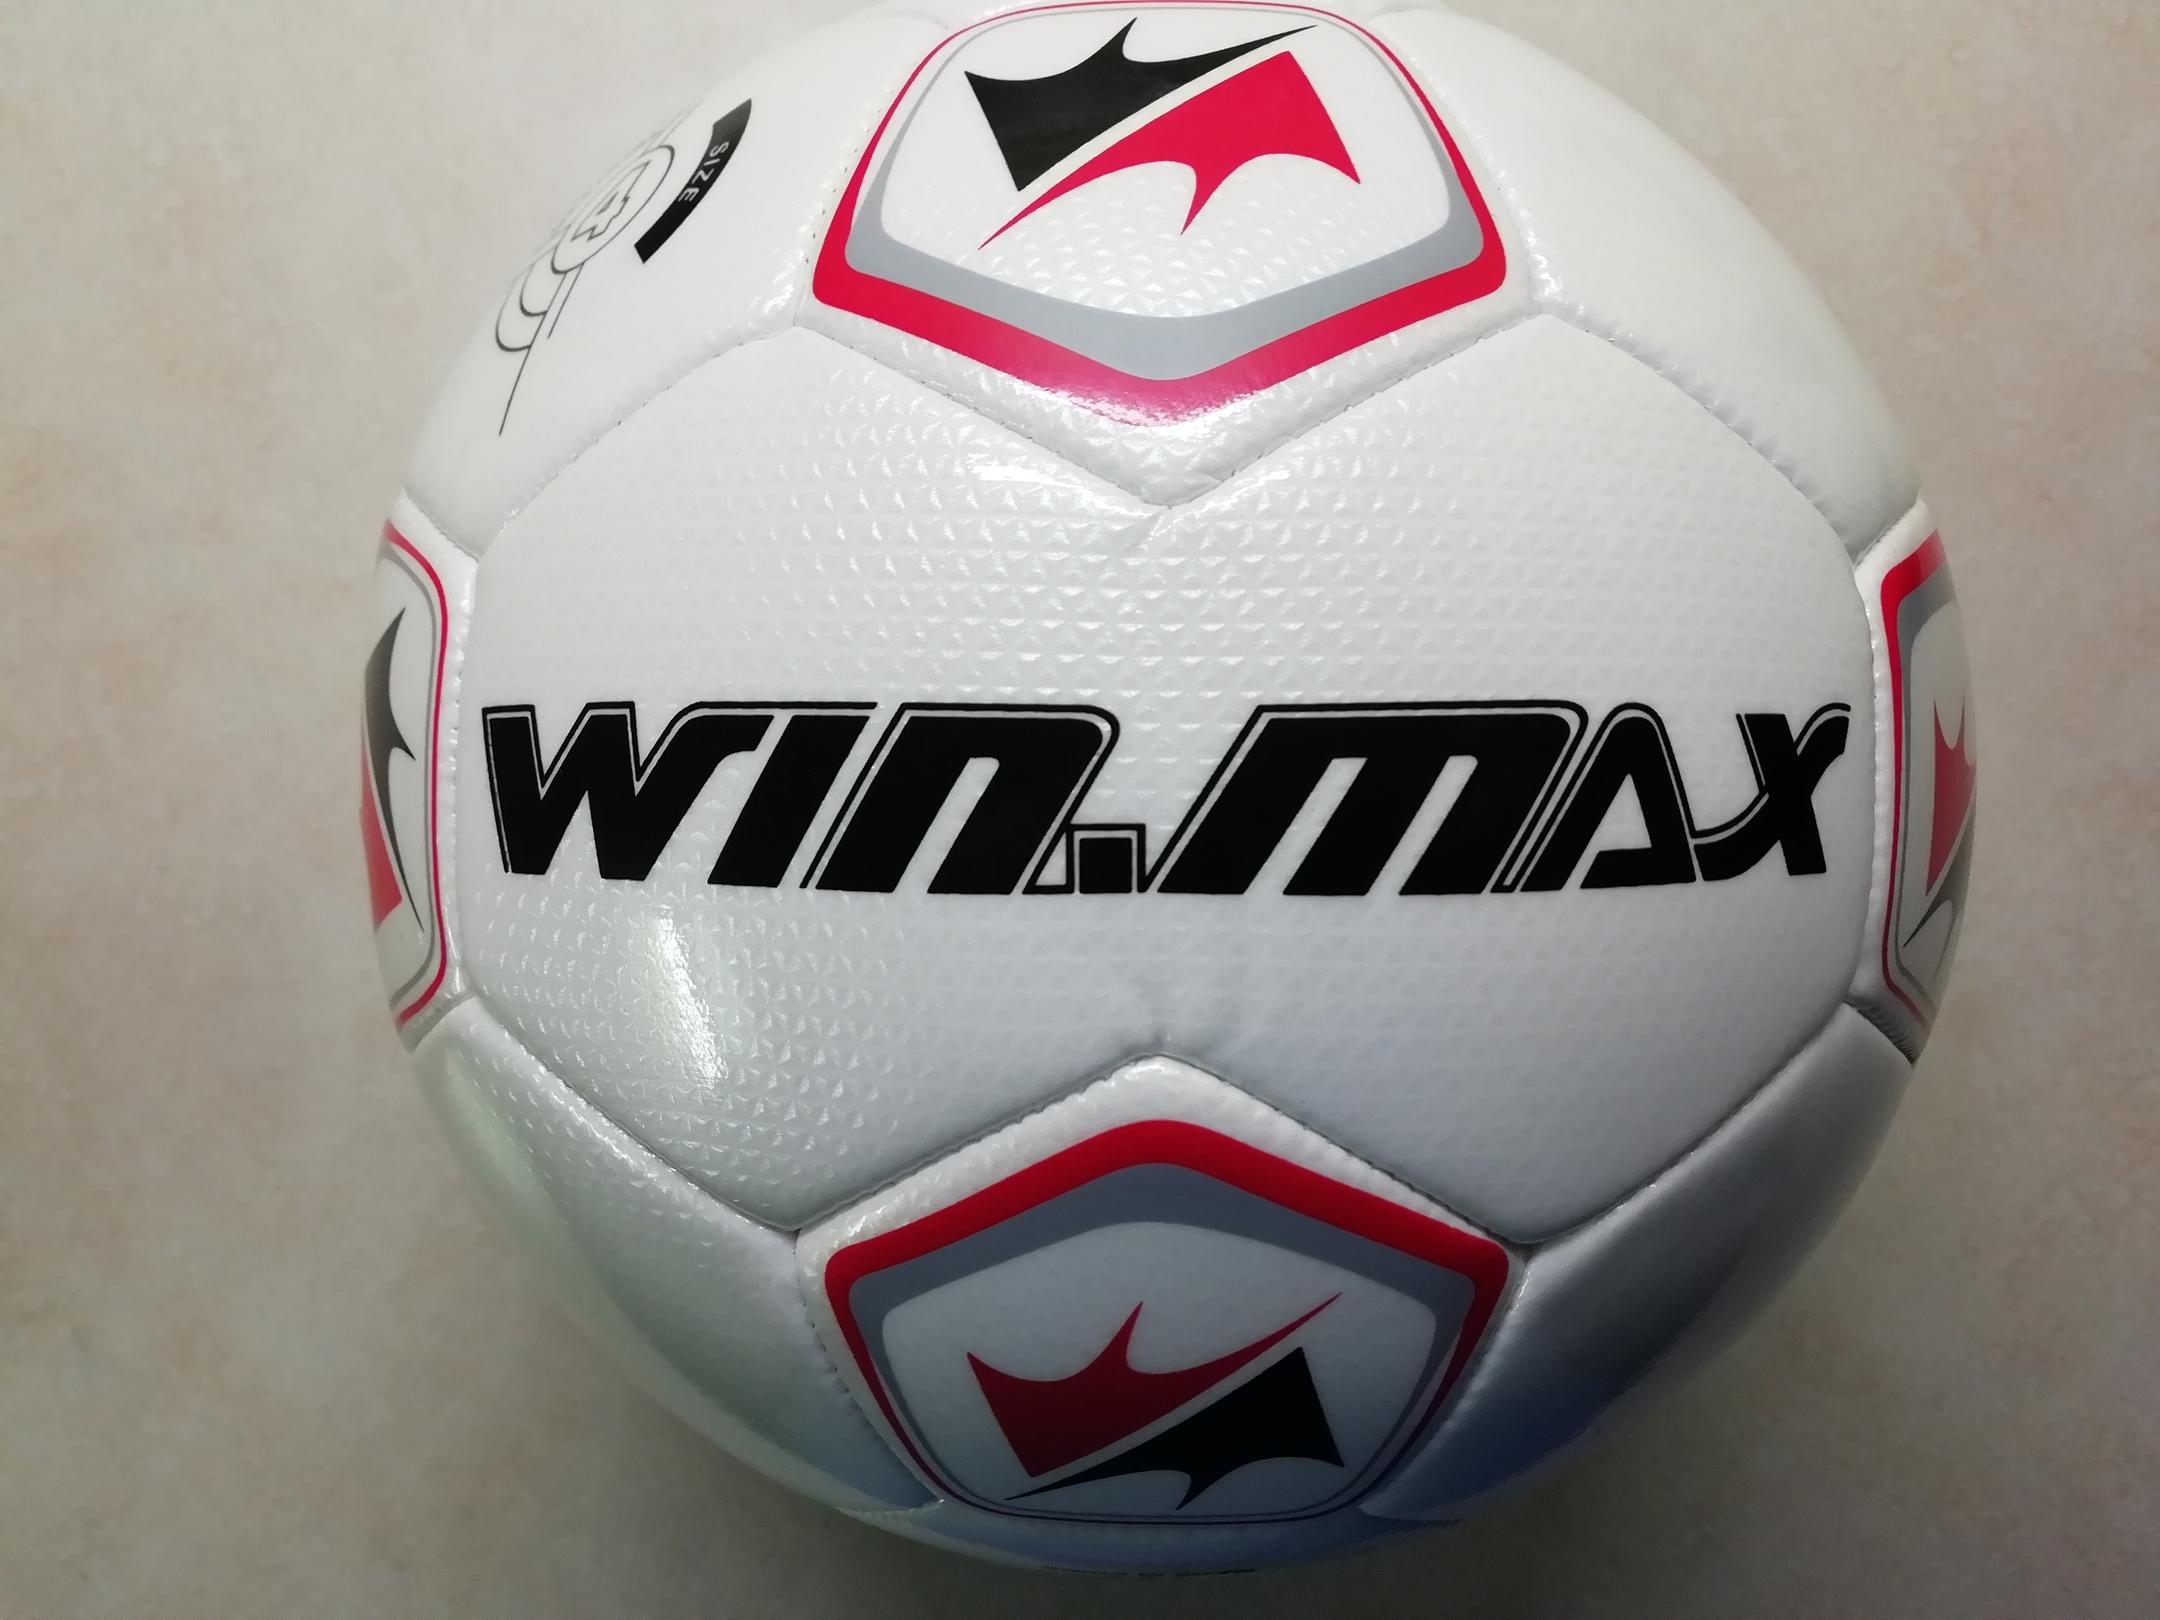 профессиональные футбольные тренировочные игровые матчевые мячи в самаре